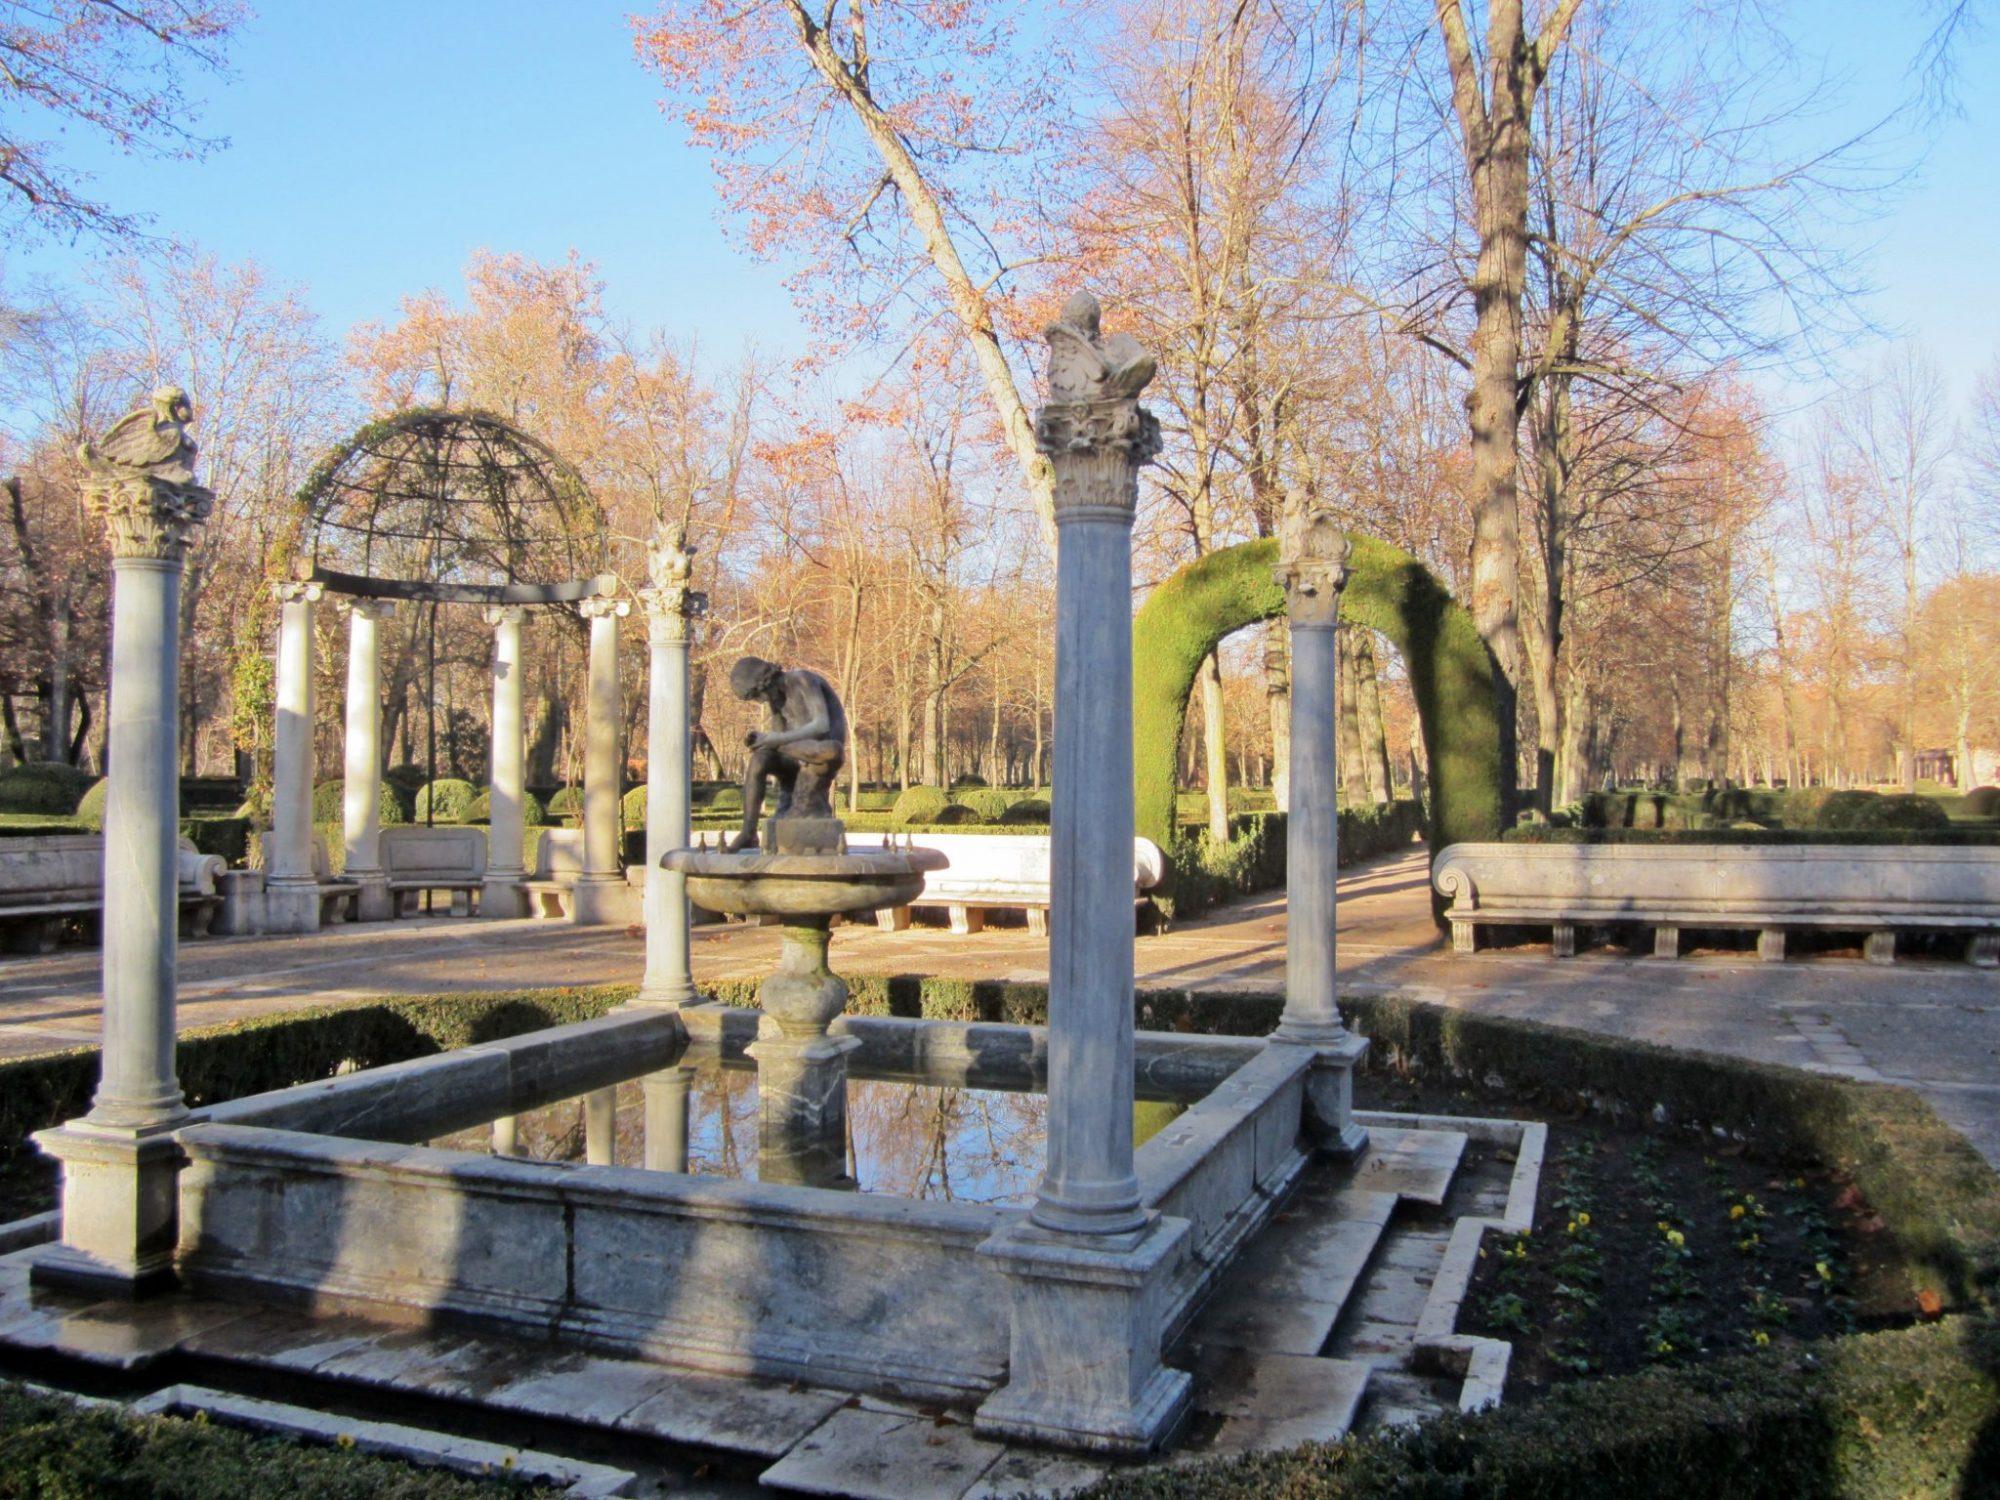 Palacio real de aranjuez y el jard n del pr ncipe madrid for El jardin del principe